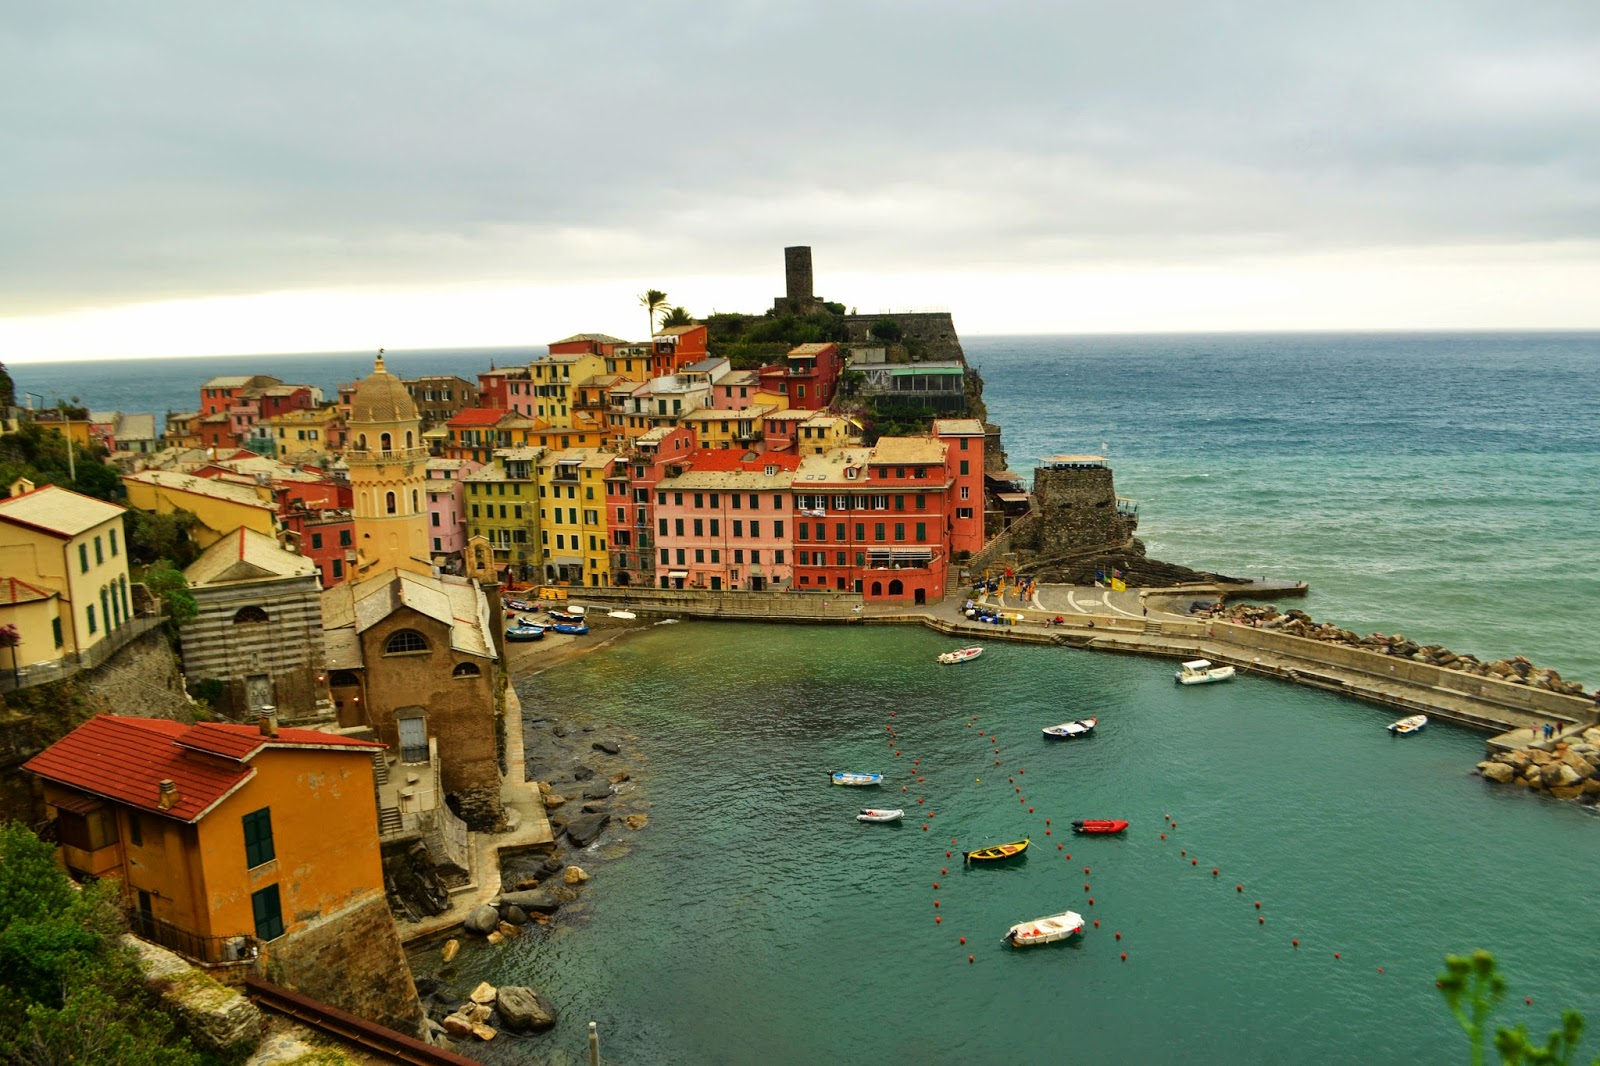 Cinque terre, monterrosso, Vernazza, colourful houses